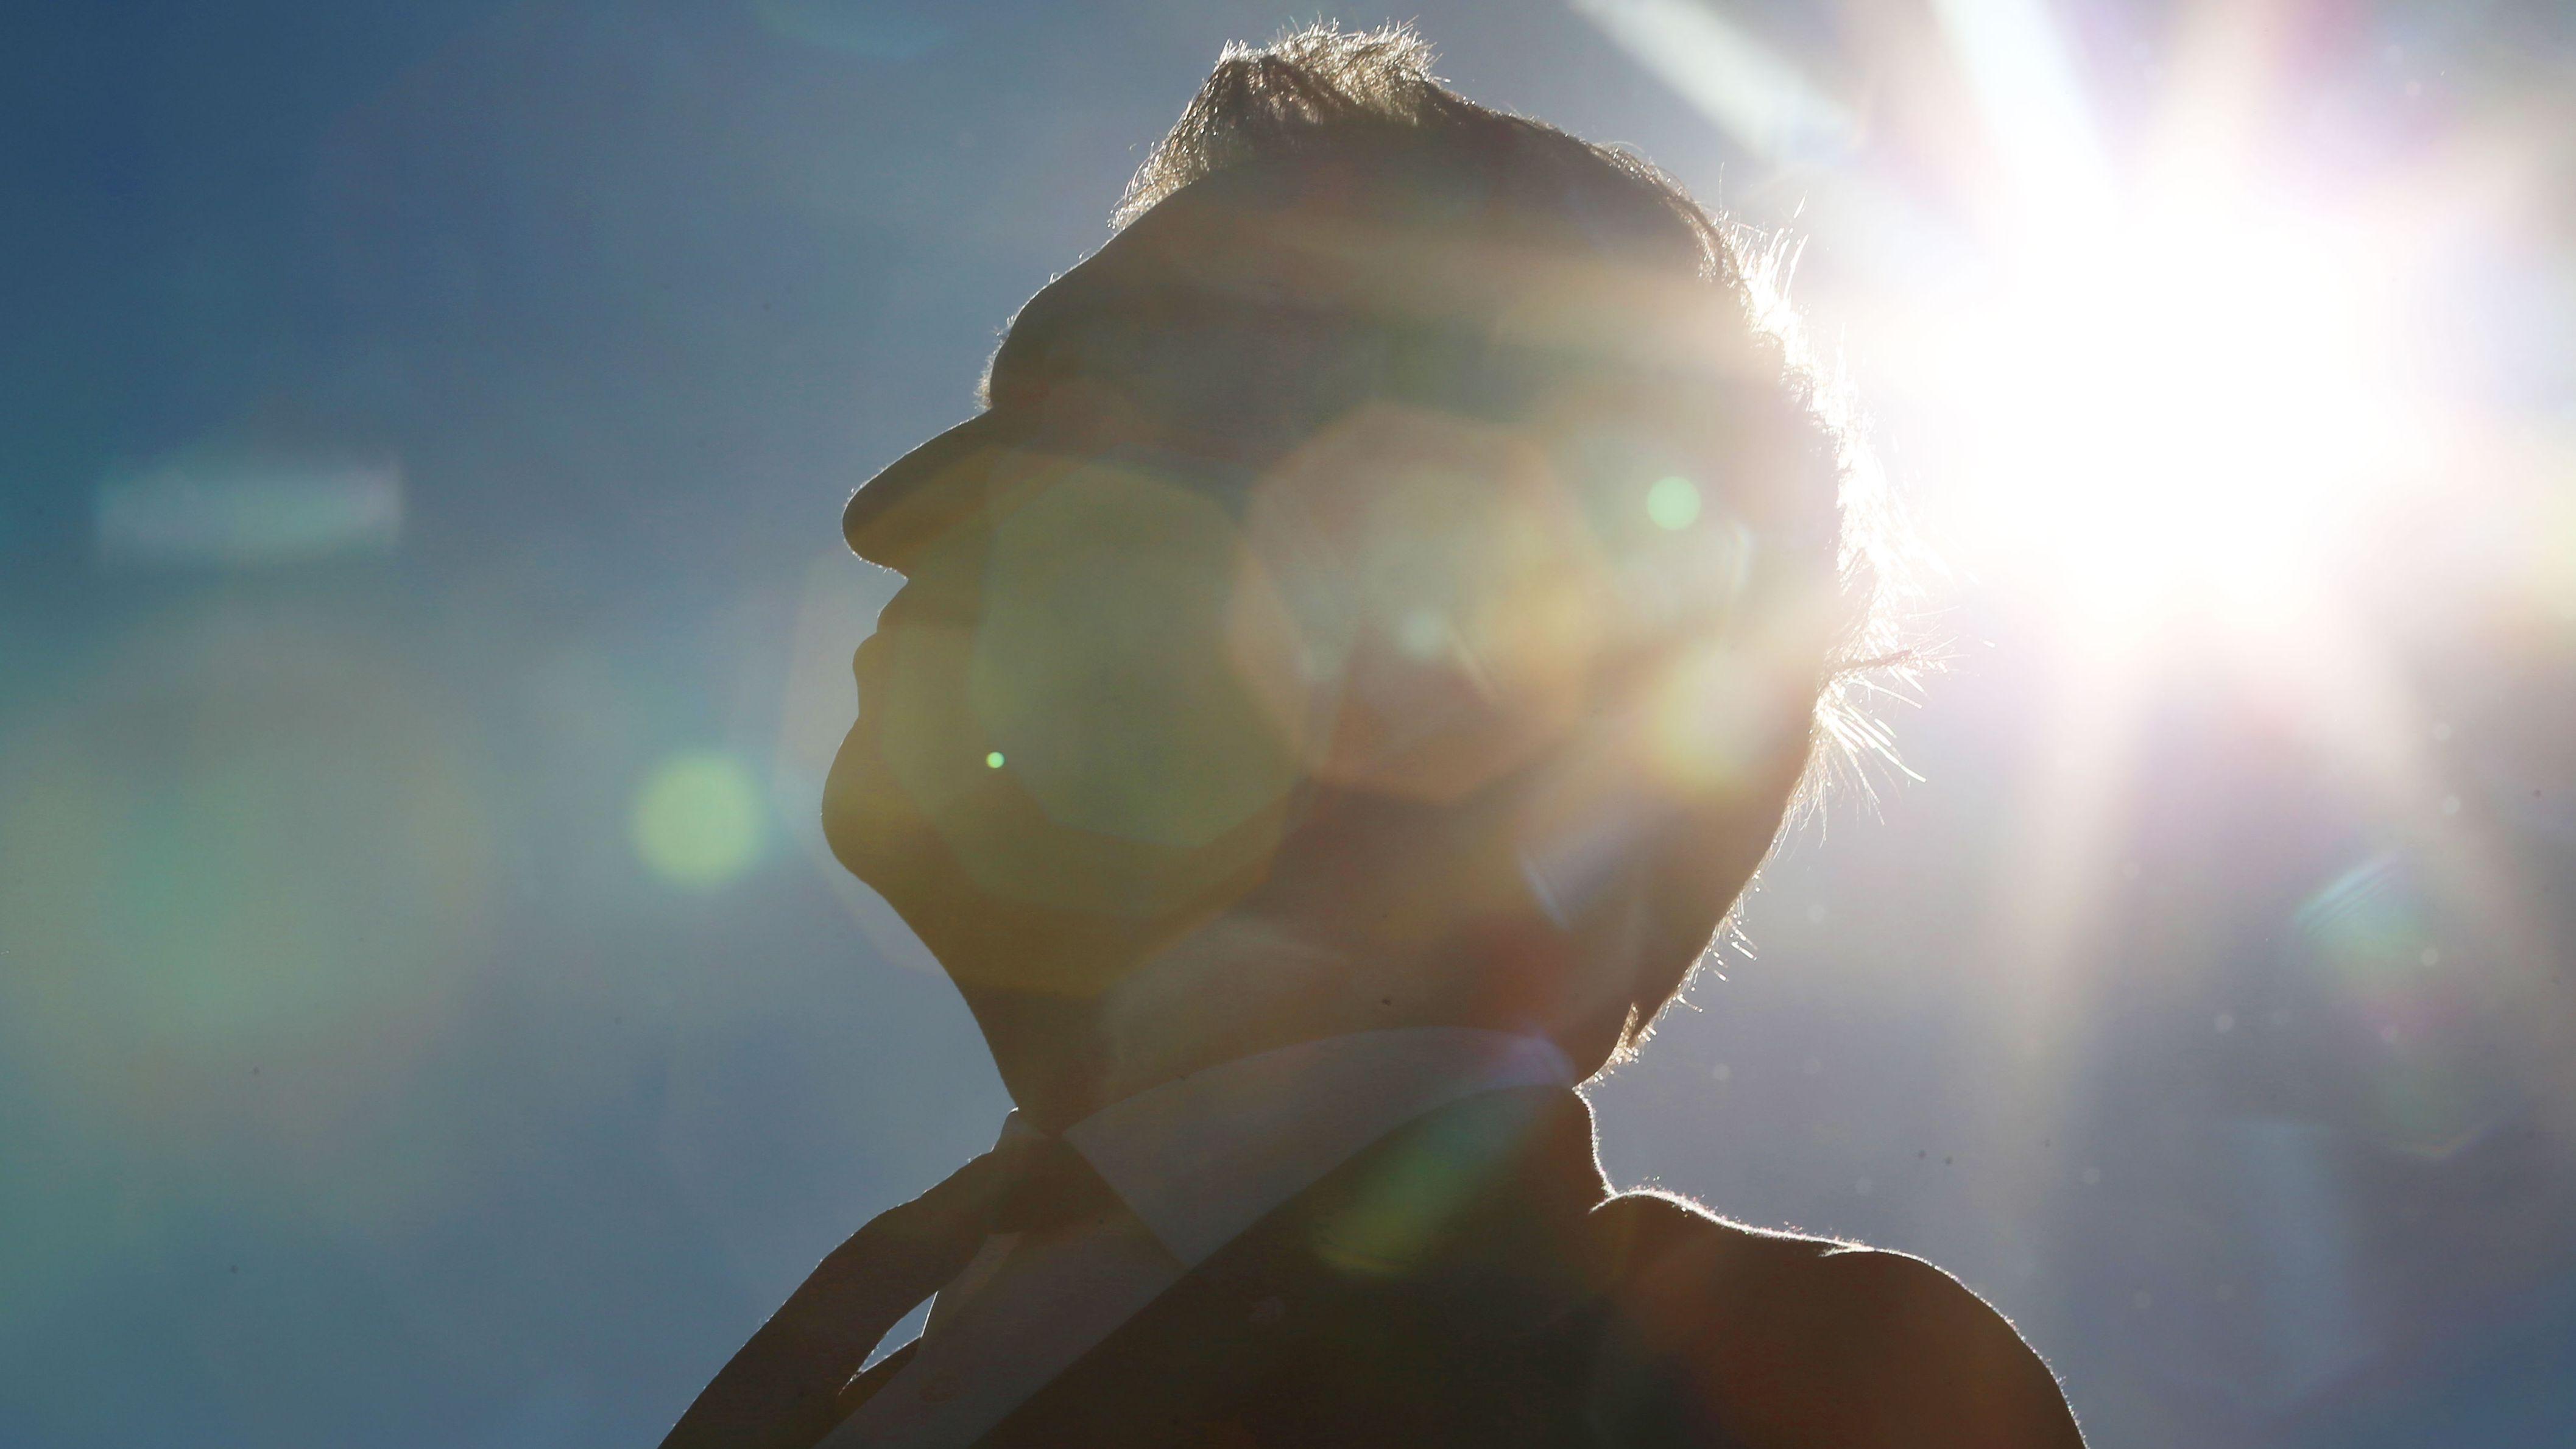 Ministerpräsident Markus Söder 2018 auf dem Allgäu Airport in der Sonne